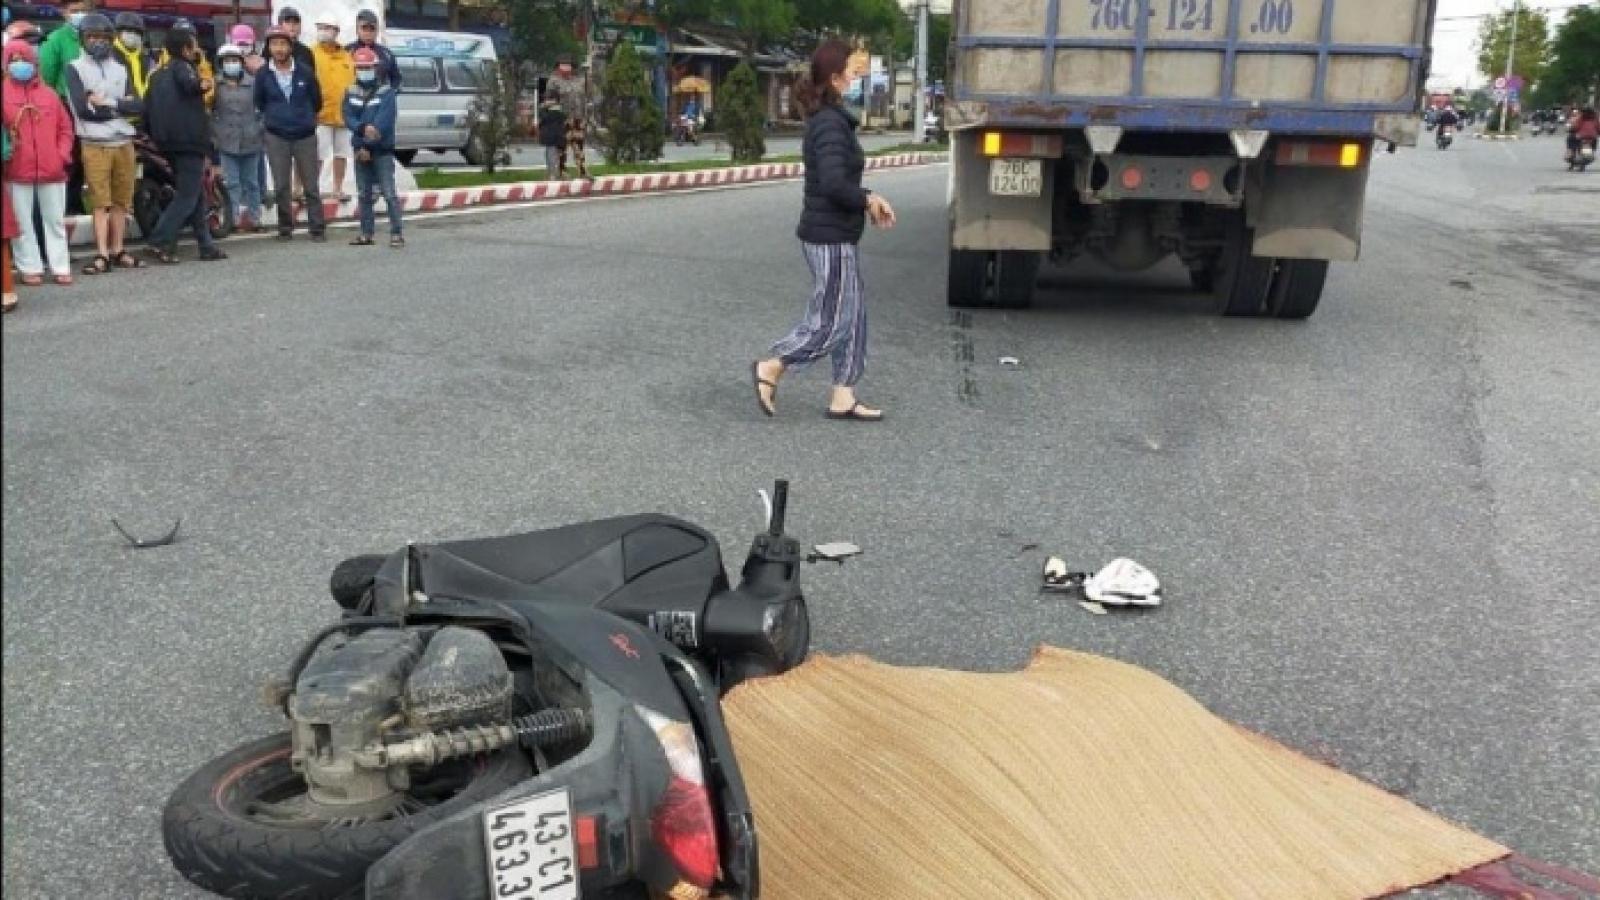 Lại xảy ra tai nạn chết người trên đường Ngô Quyền ở Đà Nẵng